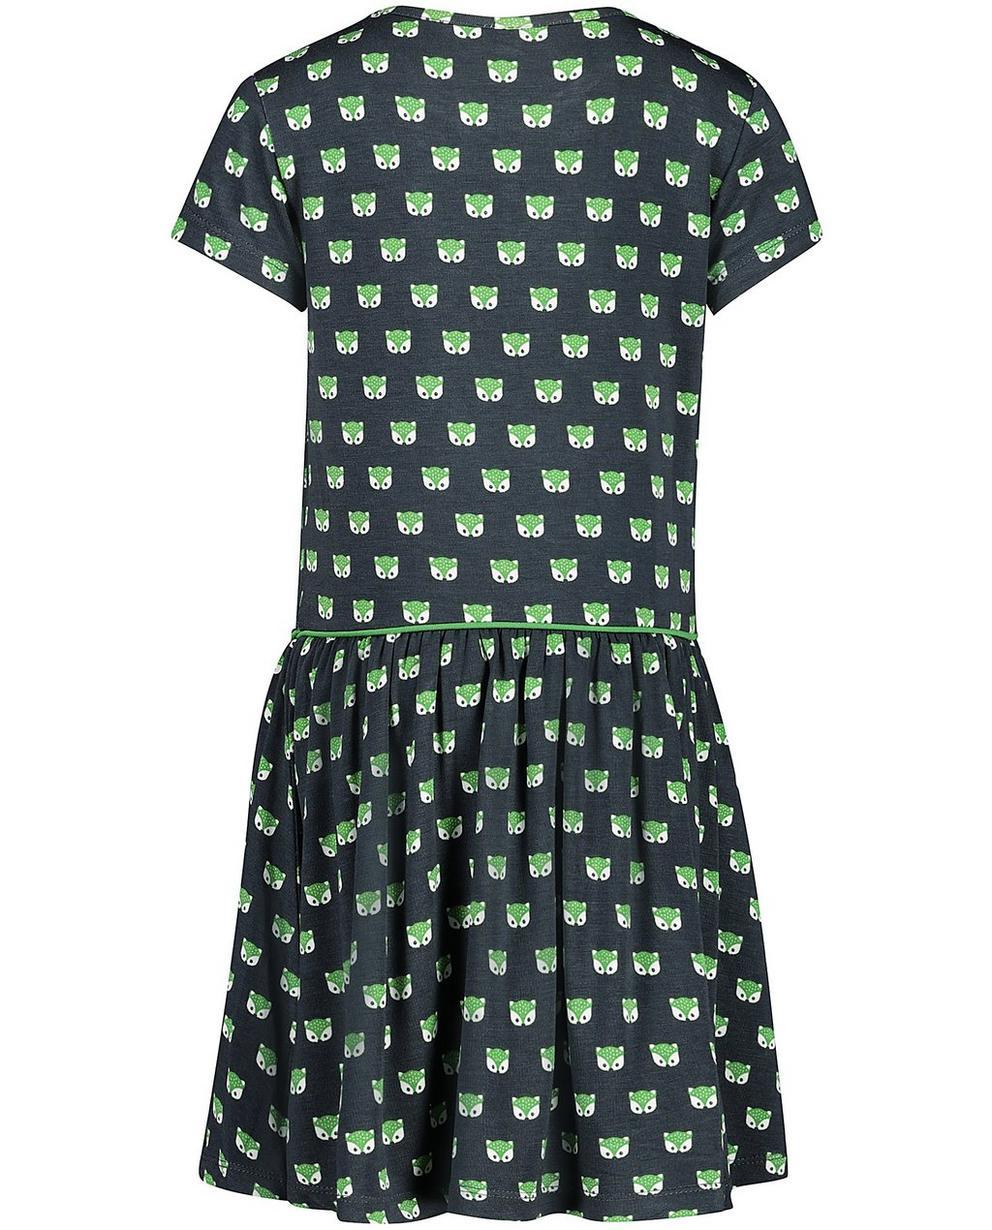 Kleider - AO1 - Viskose-Kleid mit Print